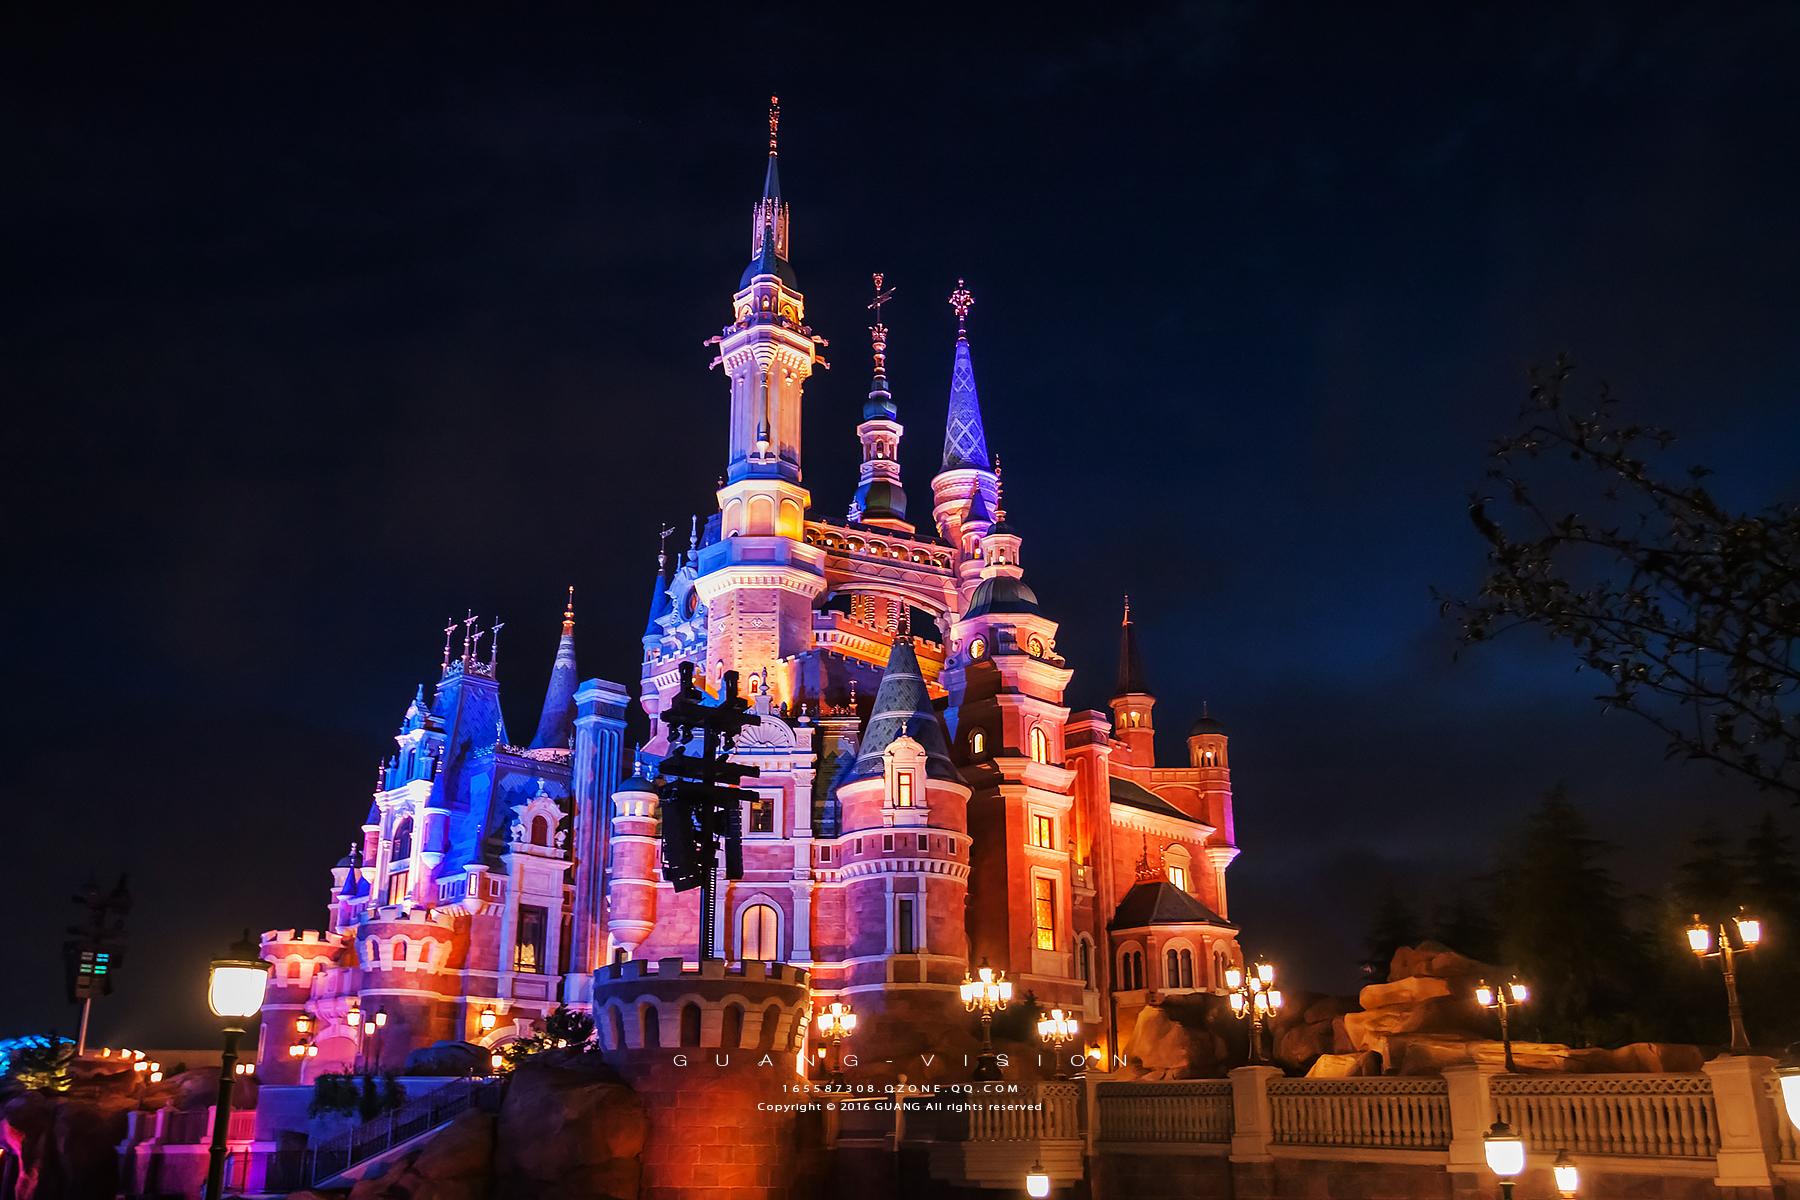 迪士尼乐园隐藏暗号